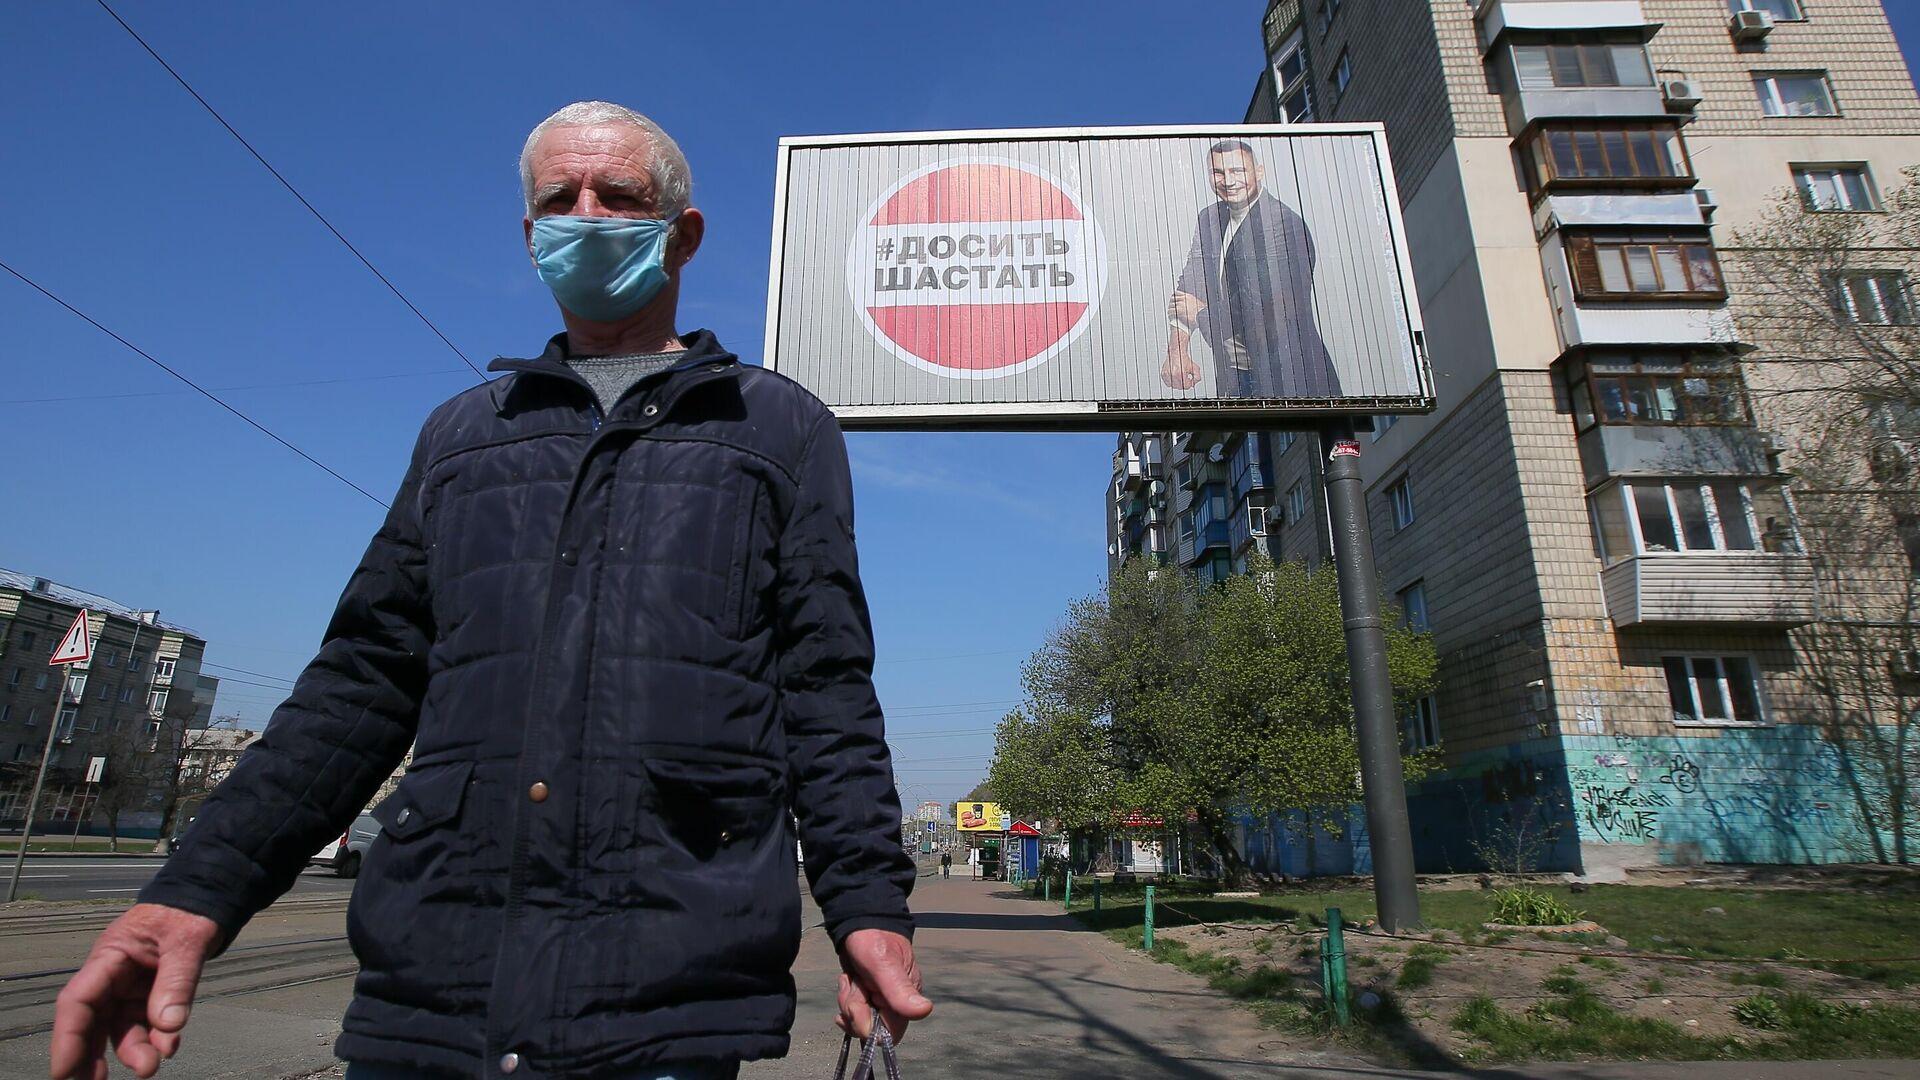 Мужчика в защитной маске у рекламного щита, установленного в Киеве в связи с коронавирусом - РИА Новости, 1920, 13.10.2020